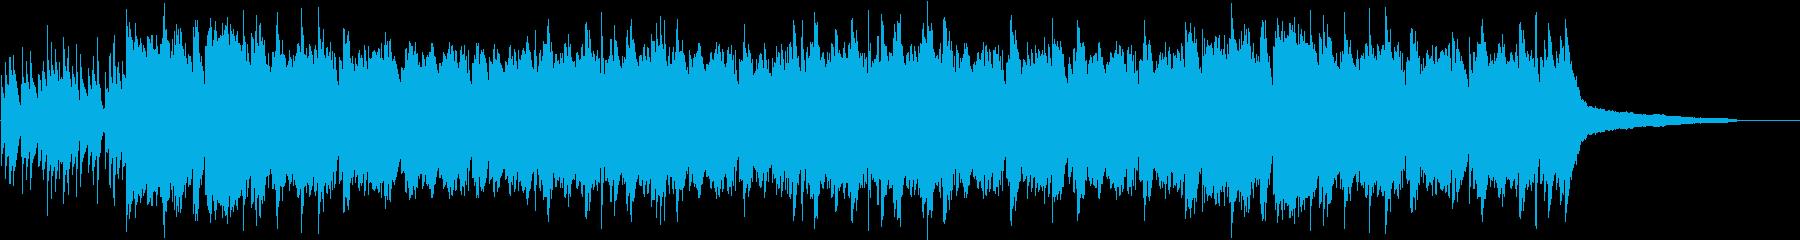 切ないゲームなどに合いそうなピアノ曲6の再生済みの波形